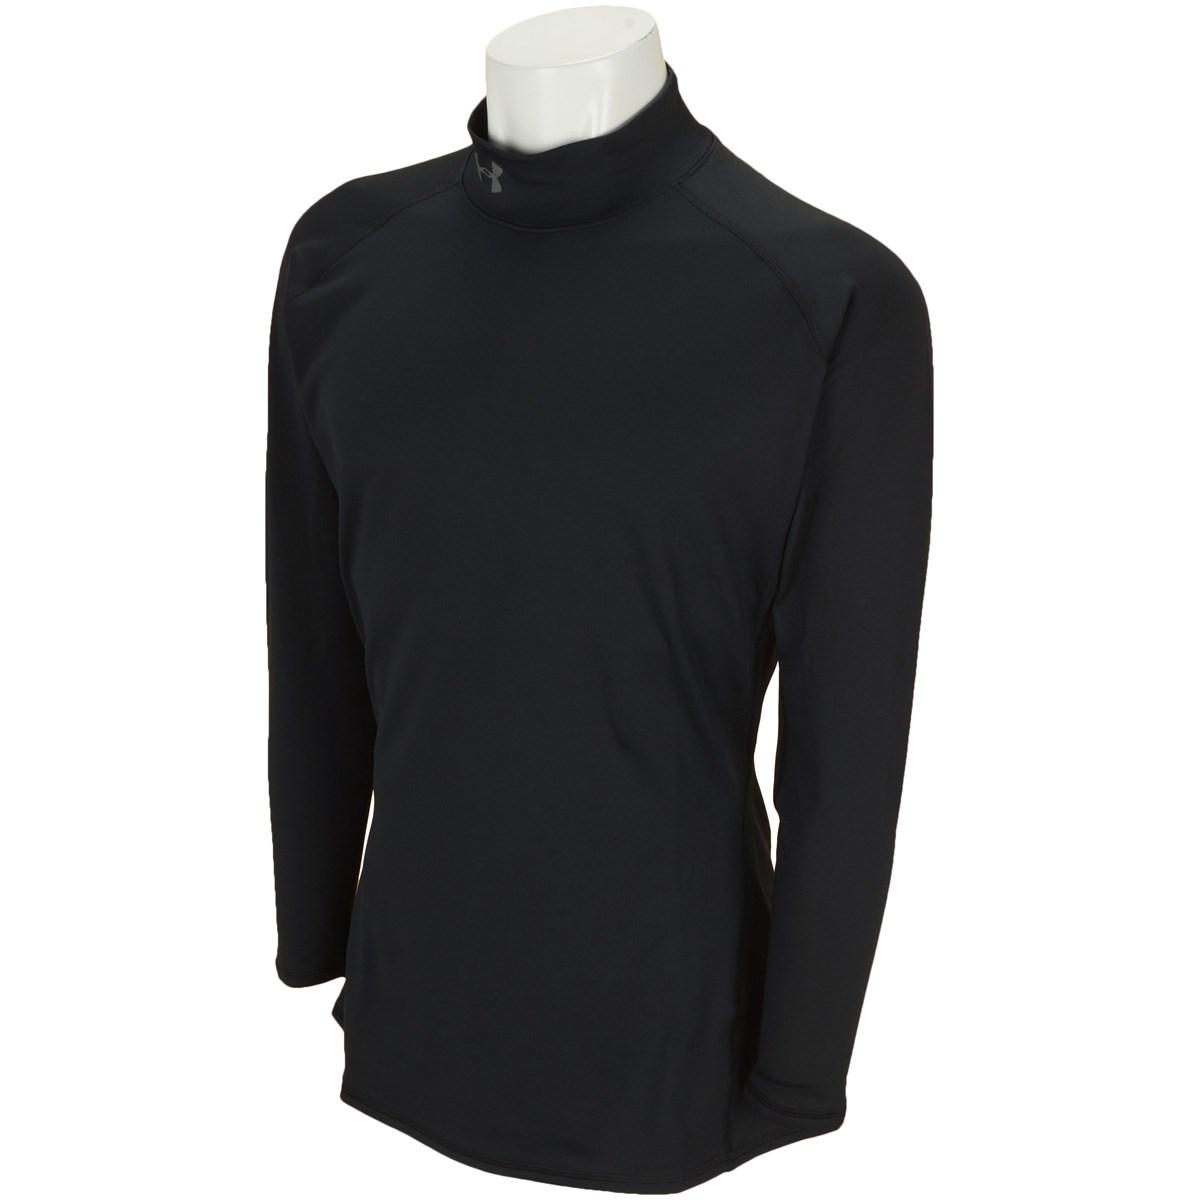 アンダーアーマー Under Armour UA コールドギア Fitted Mock 長袖インナーシャツ SM BLACK/RHINO GRAY